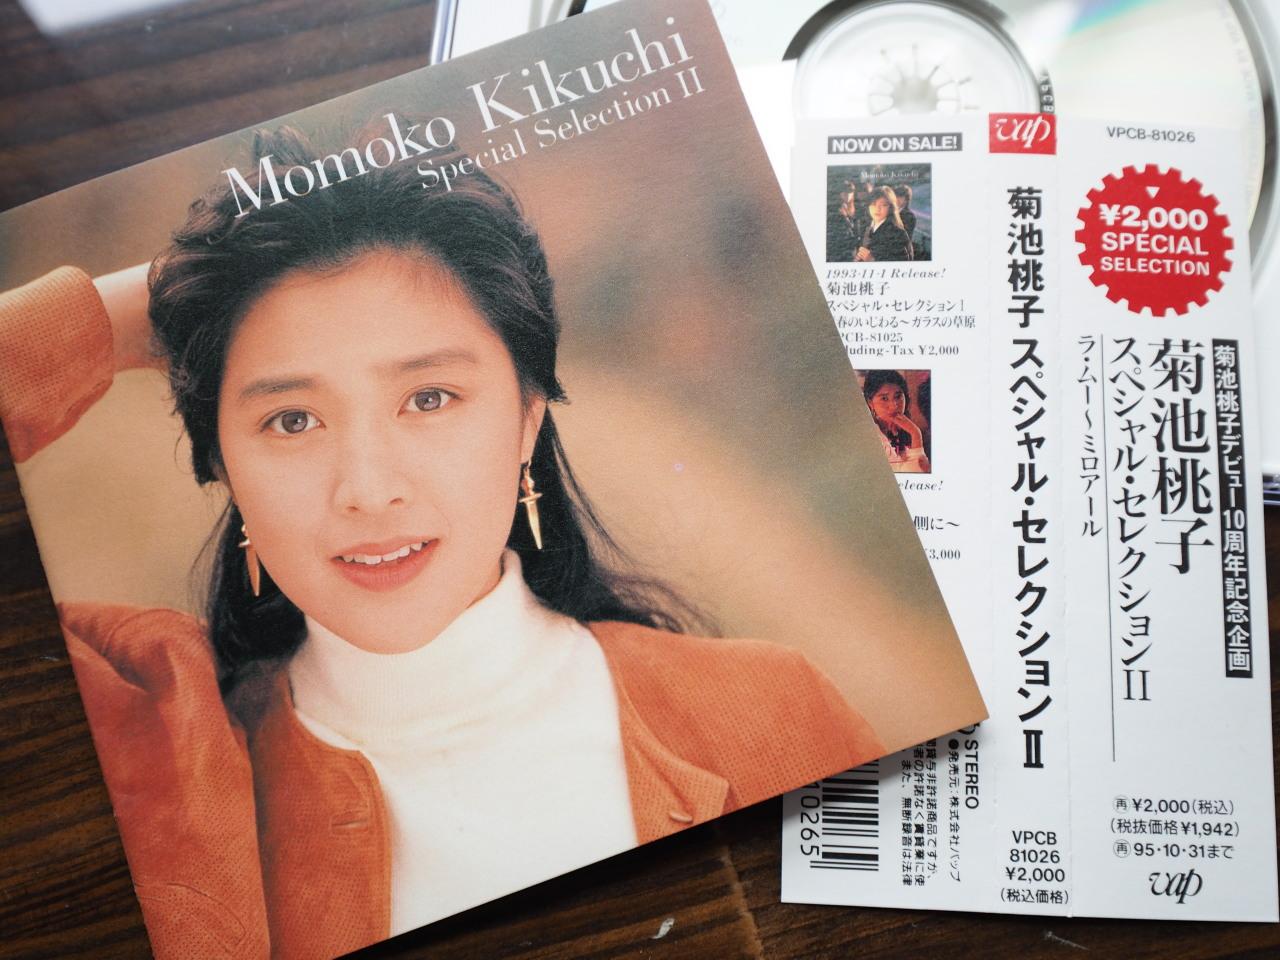 91年発売のCD